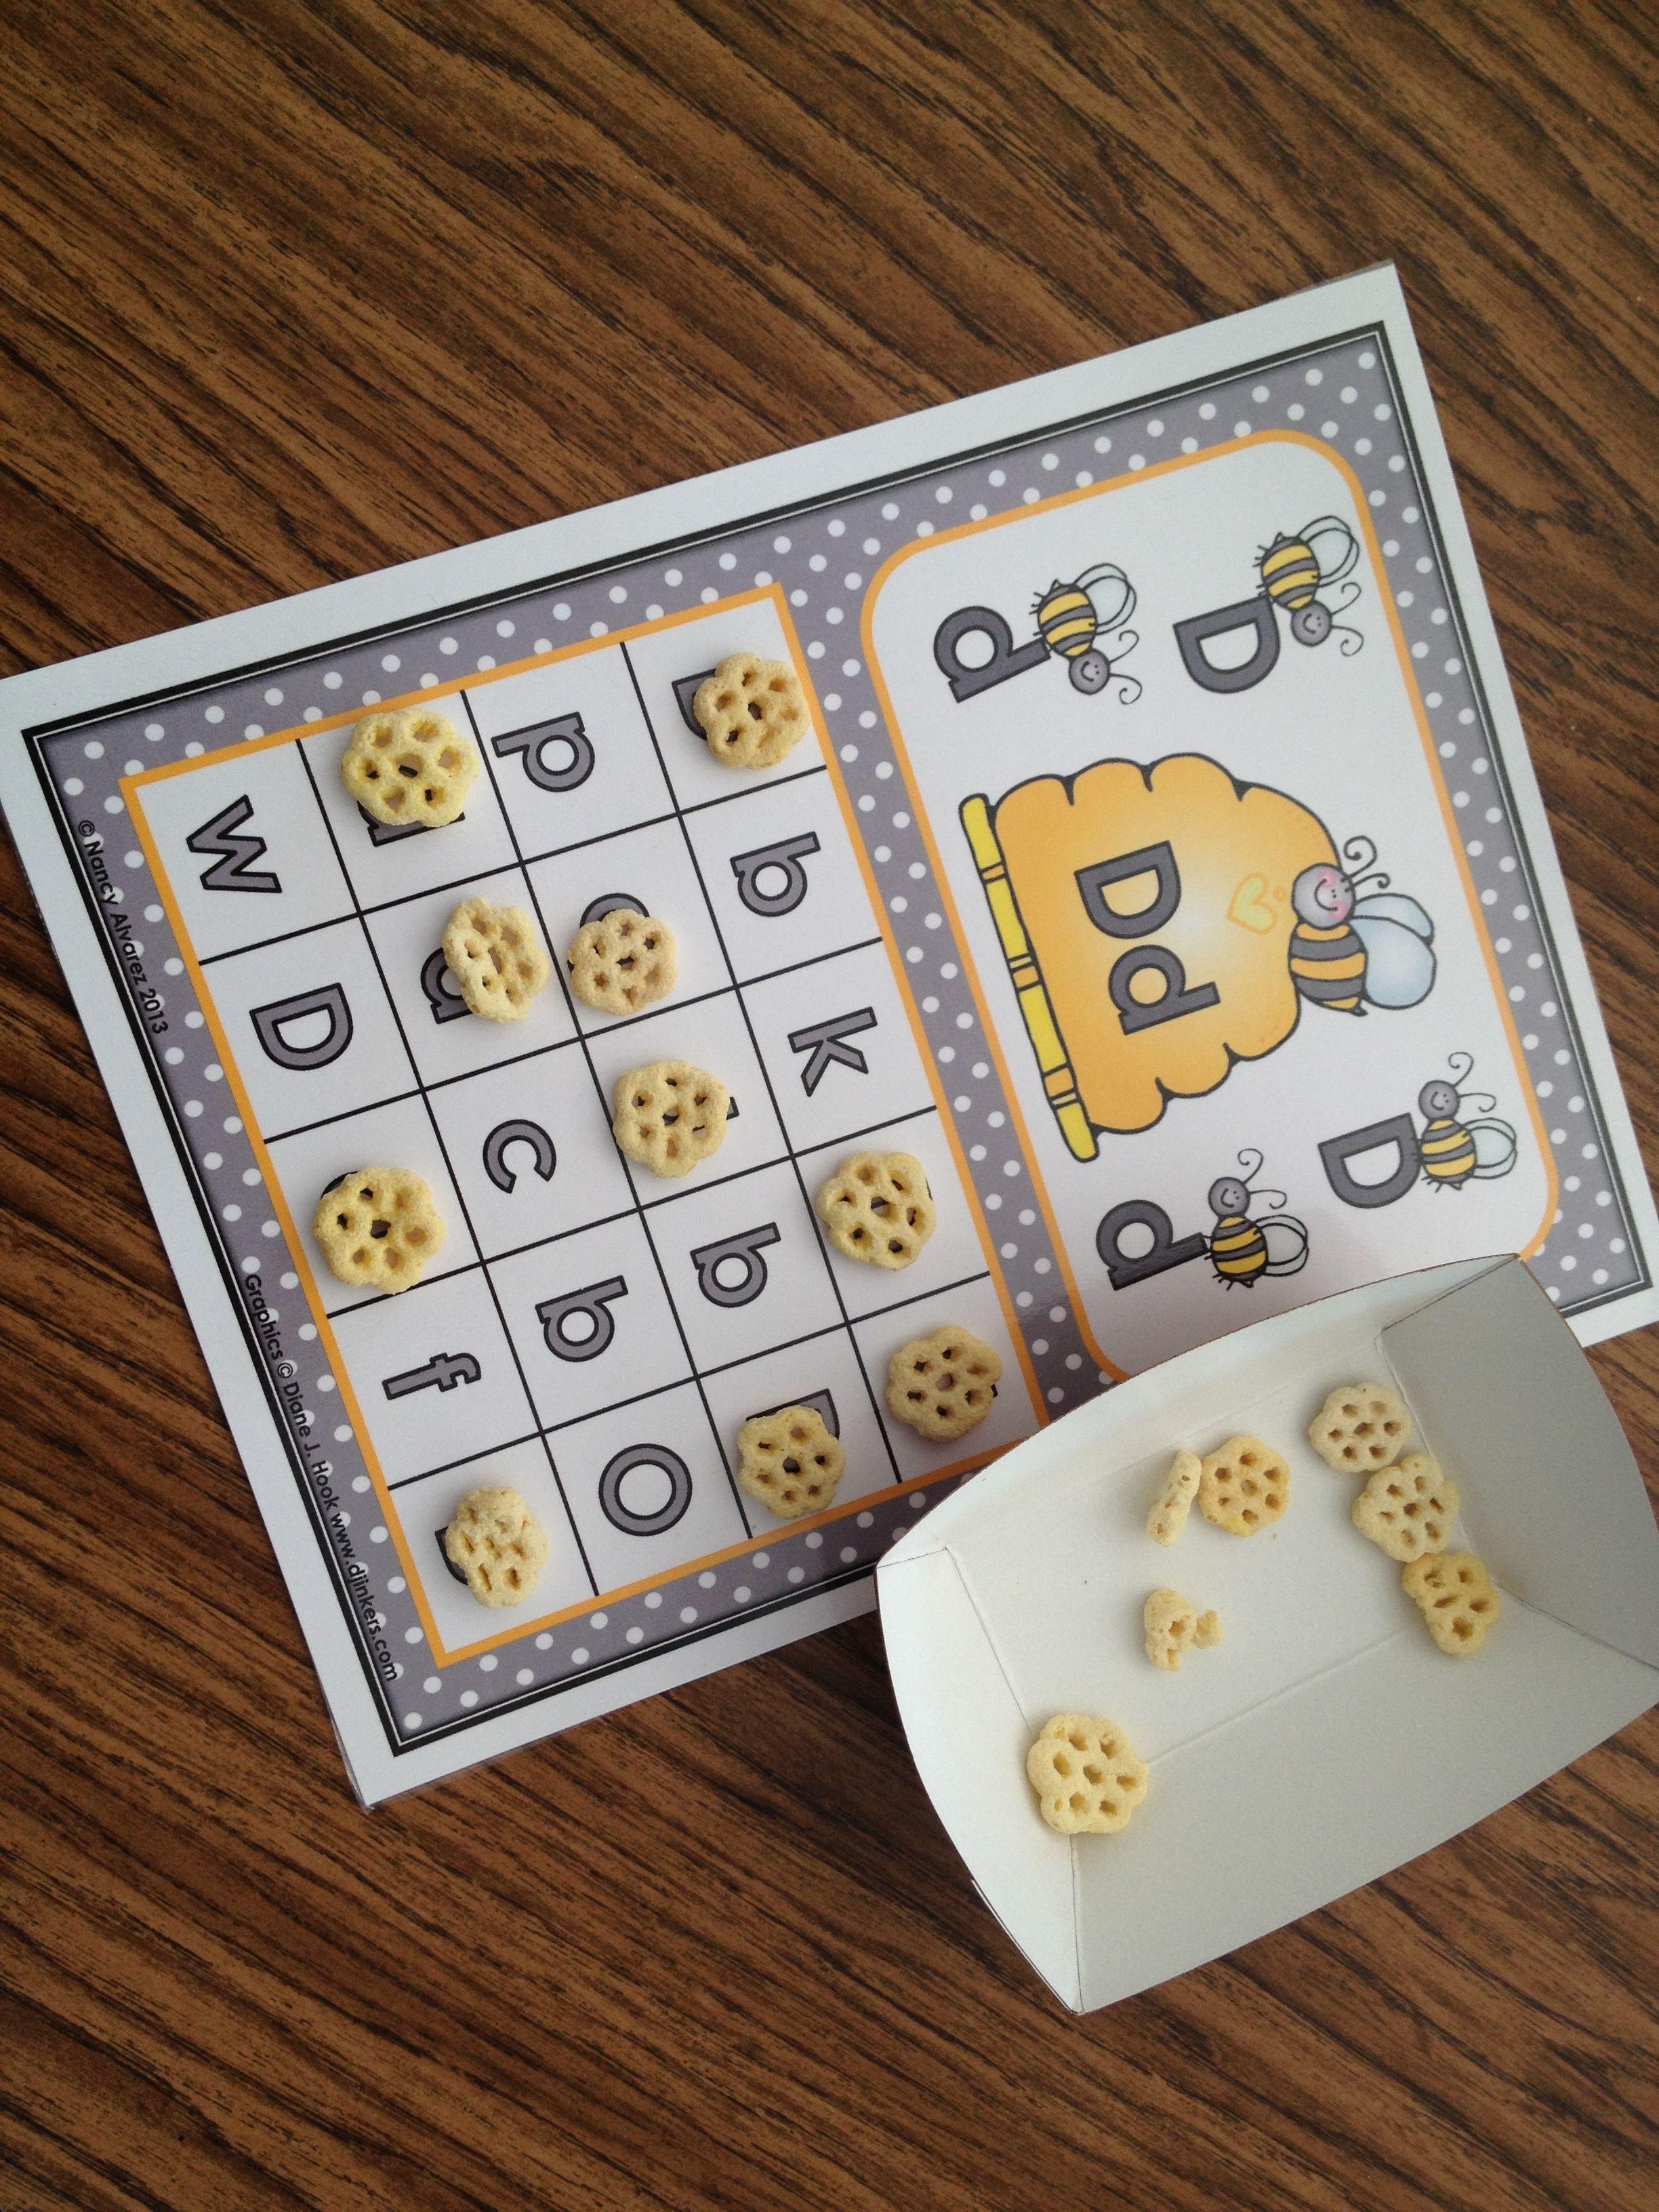 Honeycomb Abc Matching Bingo